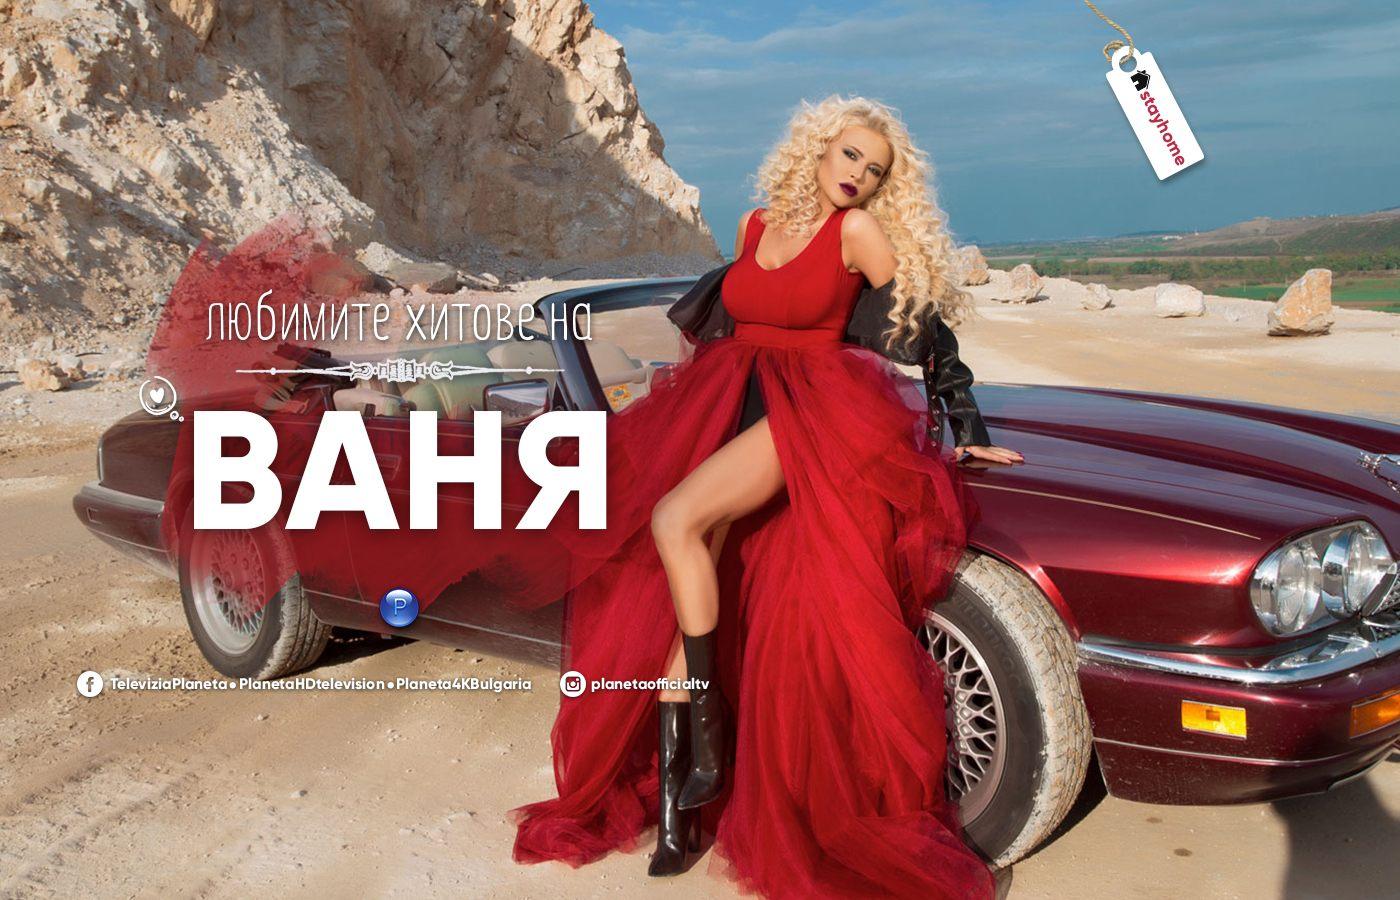 Ваня подготвя нова песен